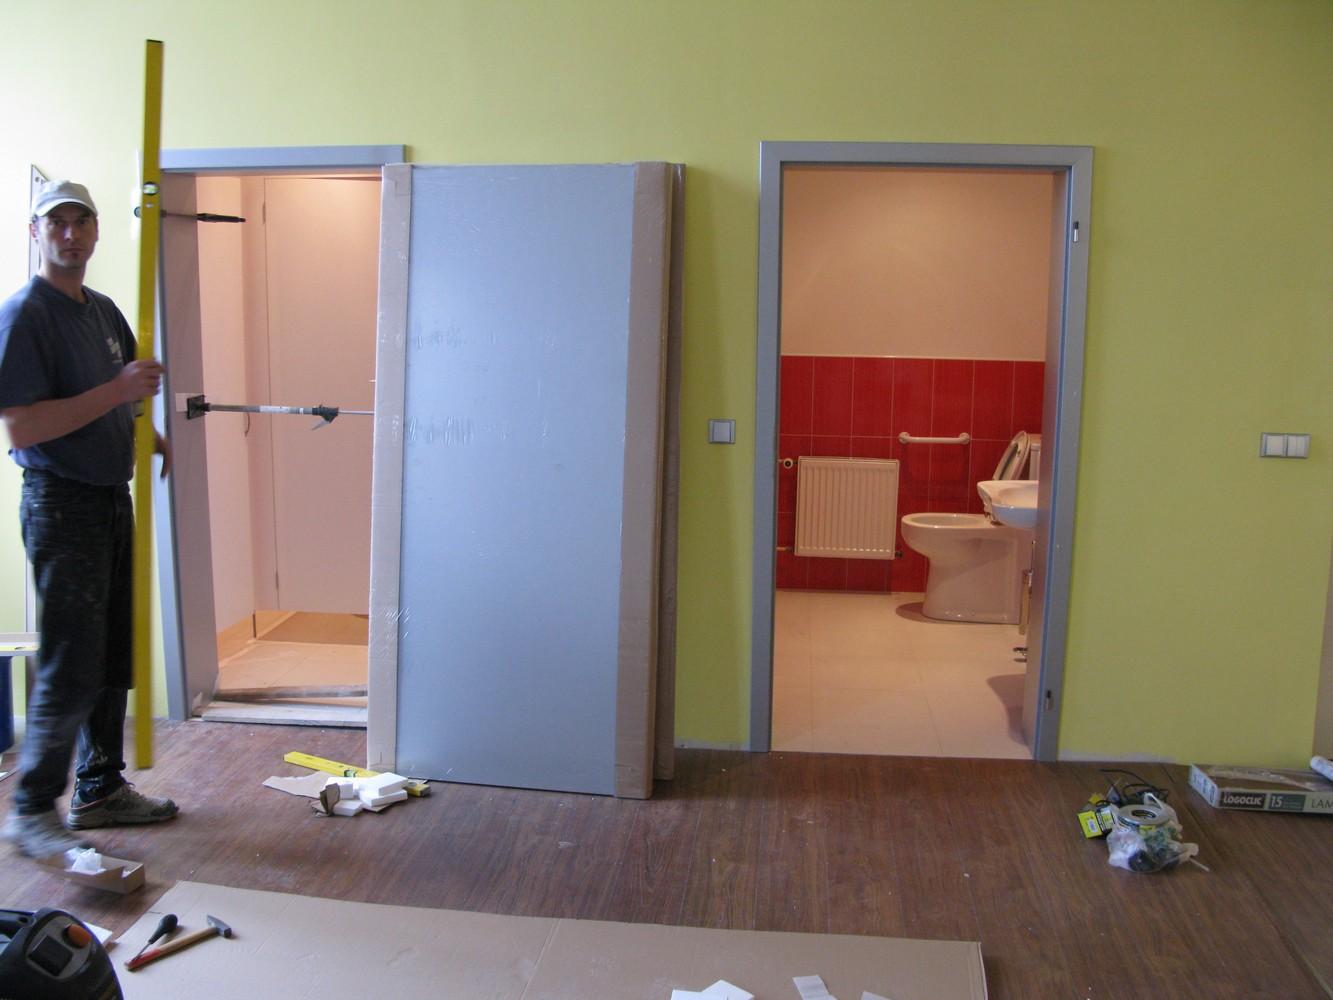 stěna s dveřmi na toalety v průběhu rekonstrukce